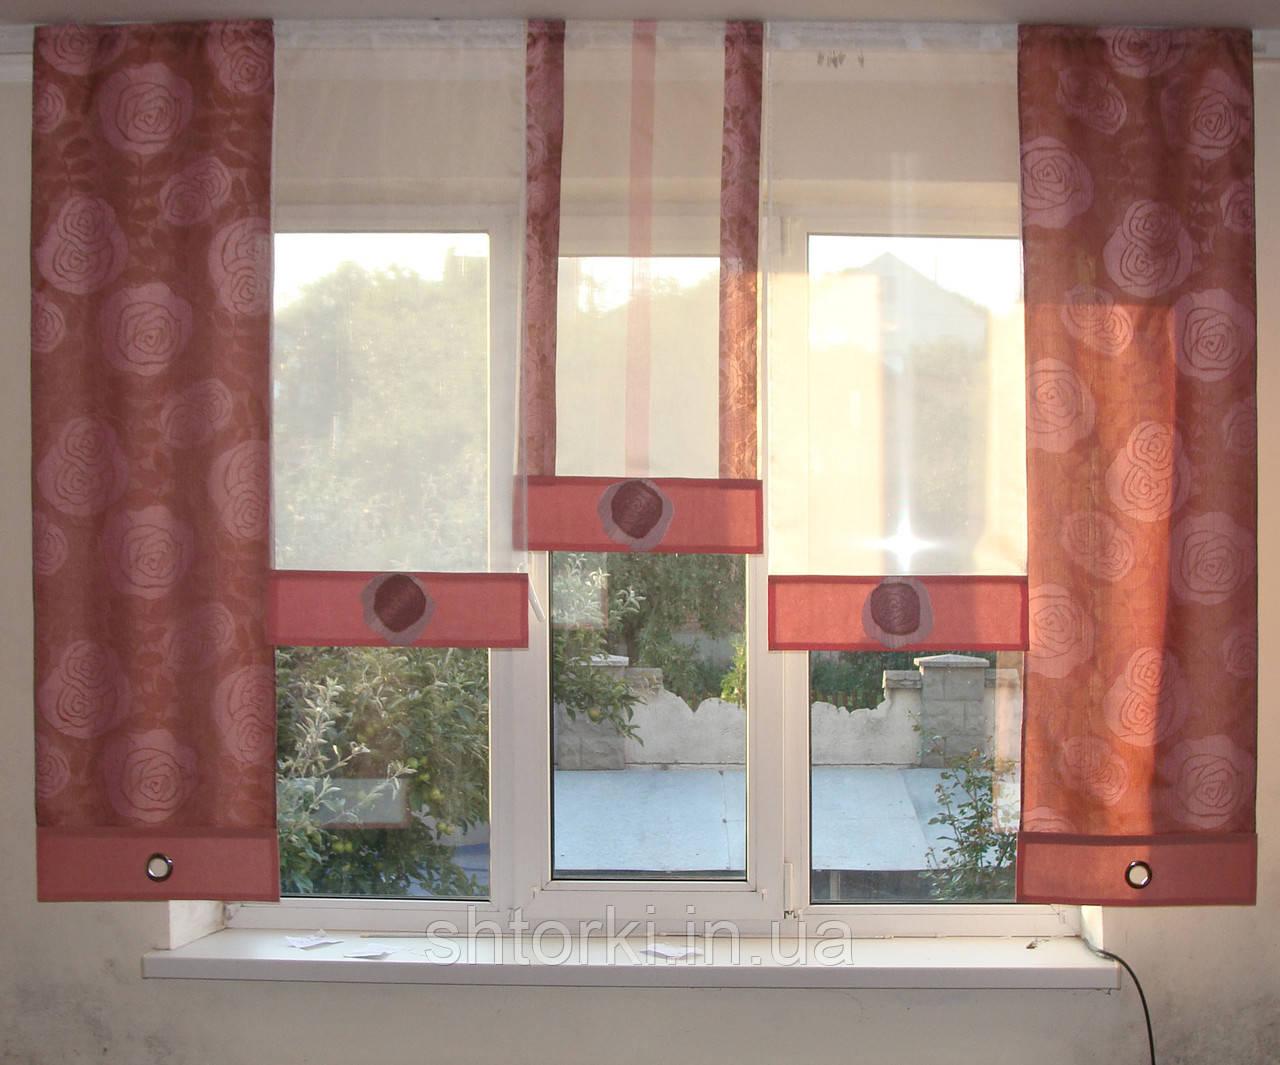 Комплект панельных шторок розы розовые, 2м